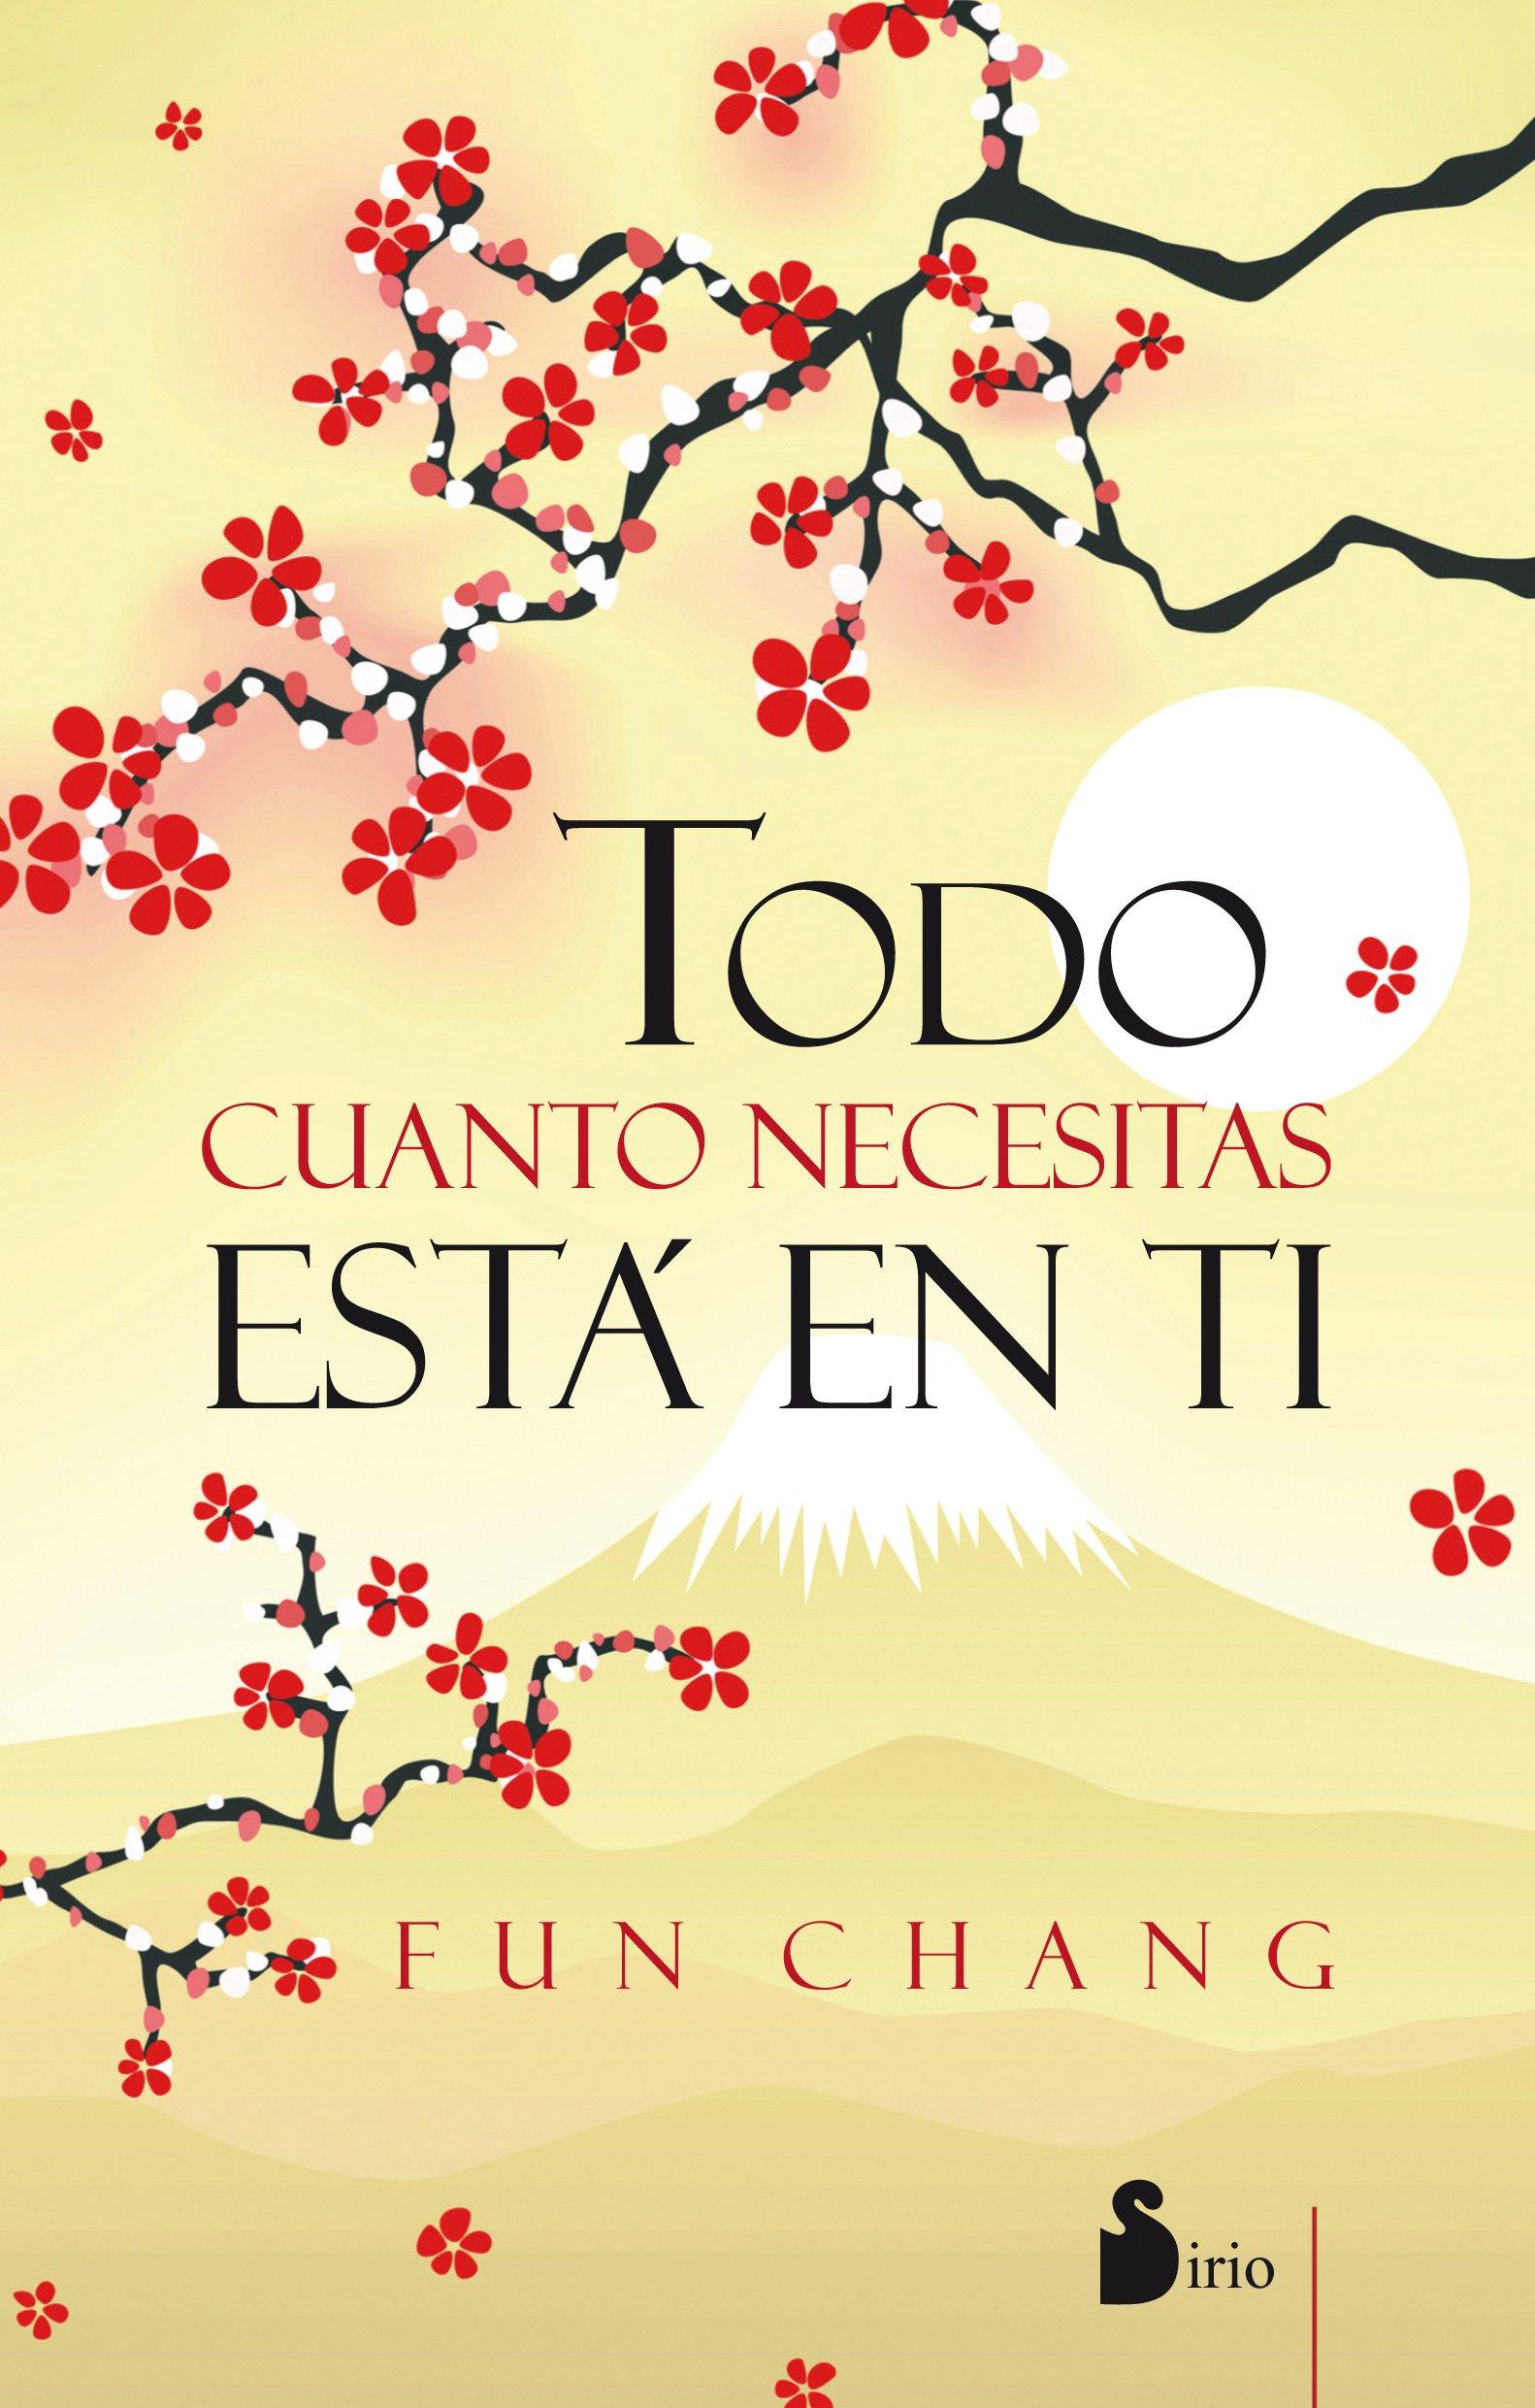 Todo cuanto necesitas esta en ti (Spanish Edition) pdf epub